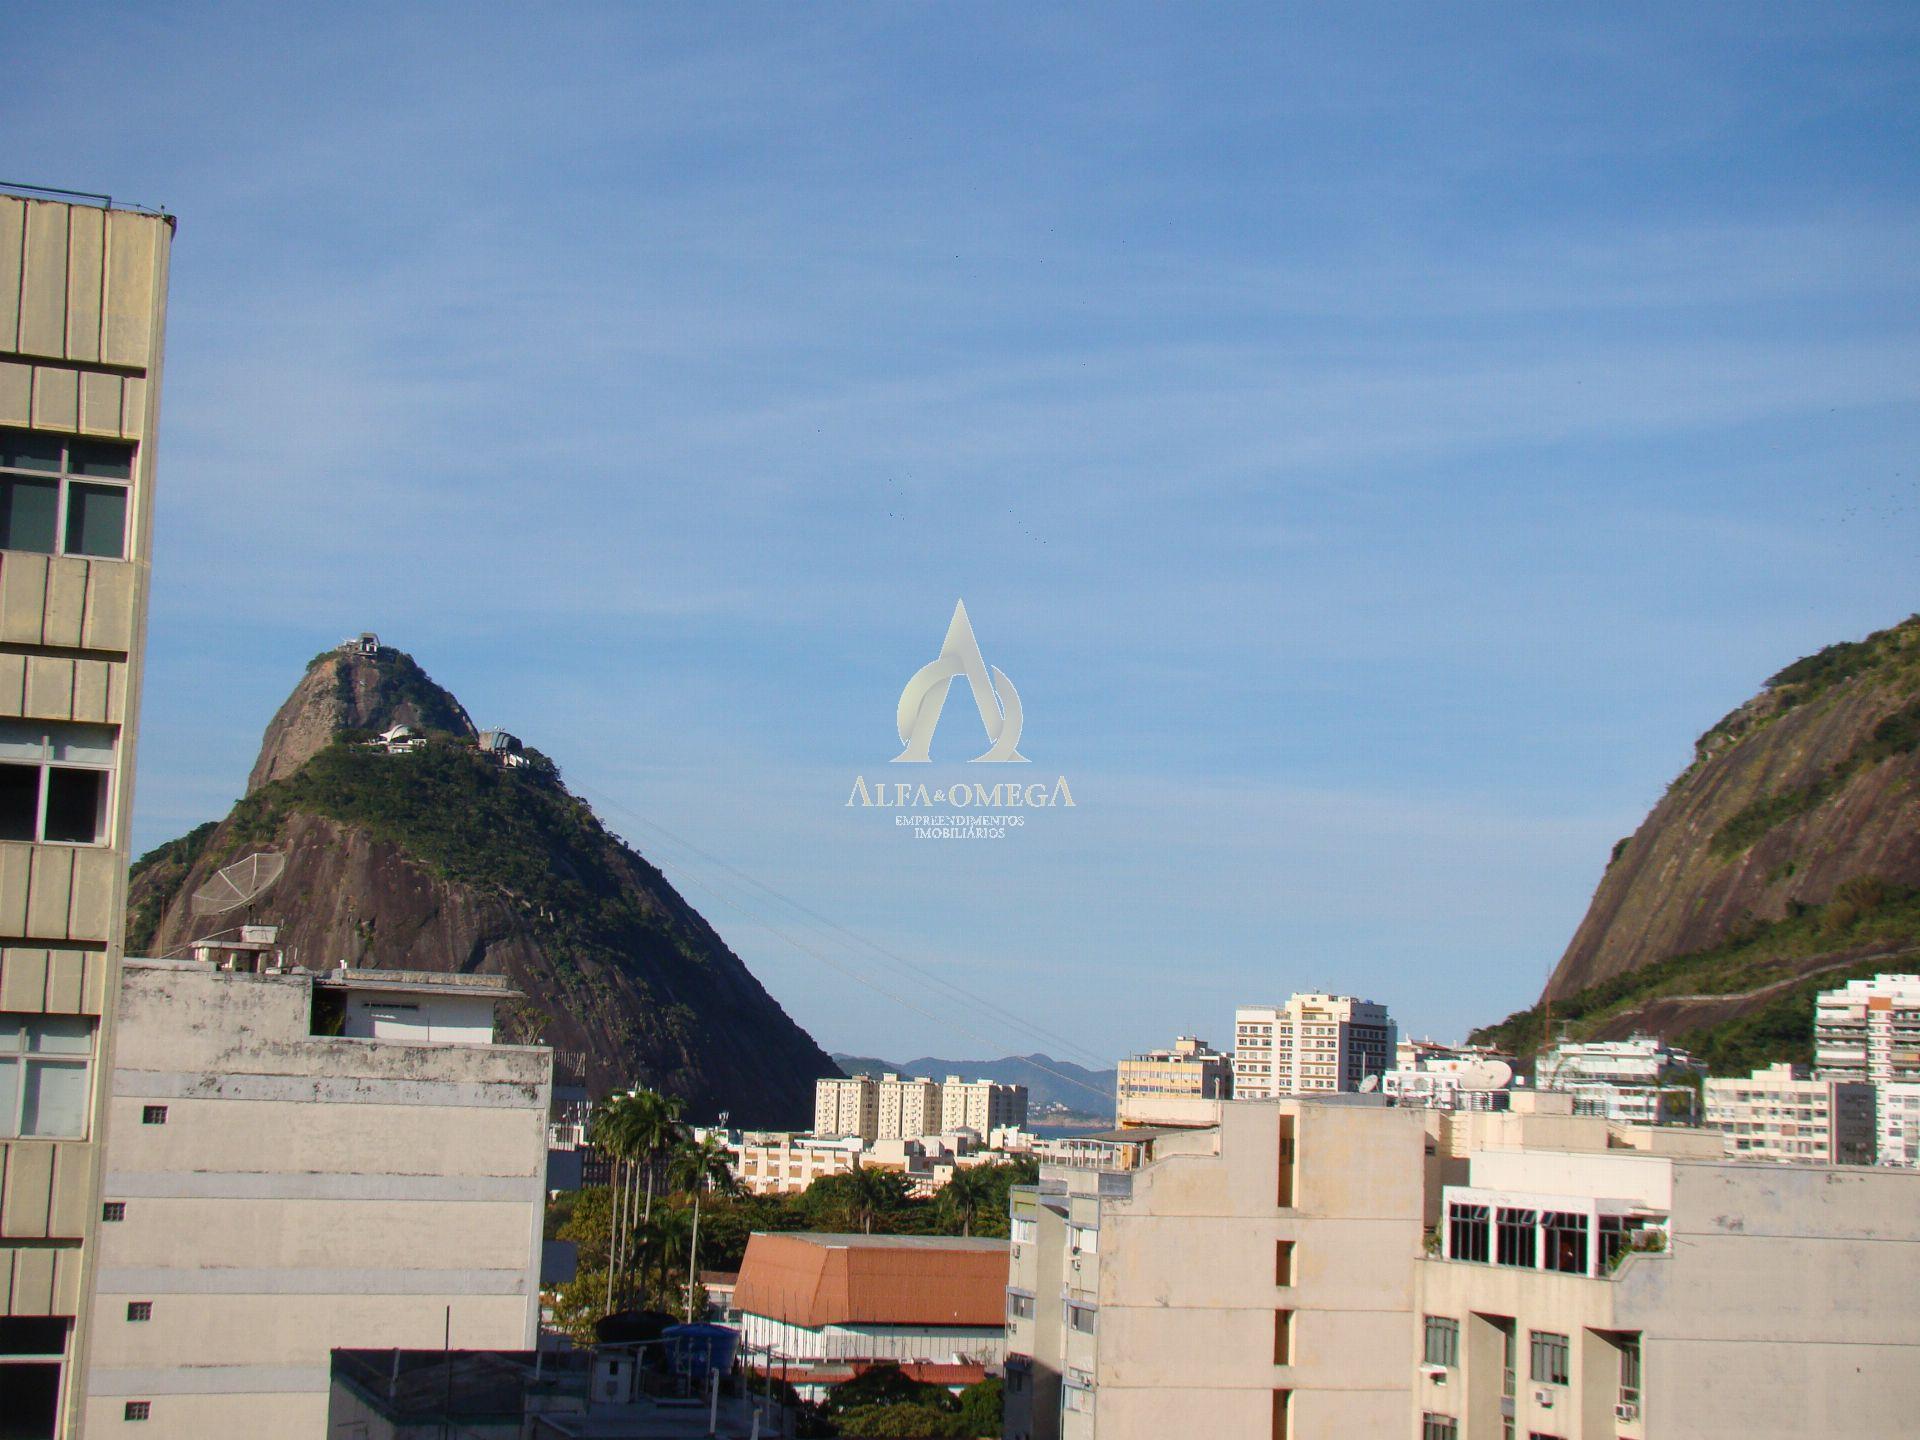 FOTO 2 - Apartamento Botafogo,Rio de Janeiro,RJ À Venda,1 Quarto,60m² - AO10227 - 2